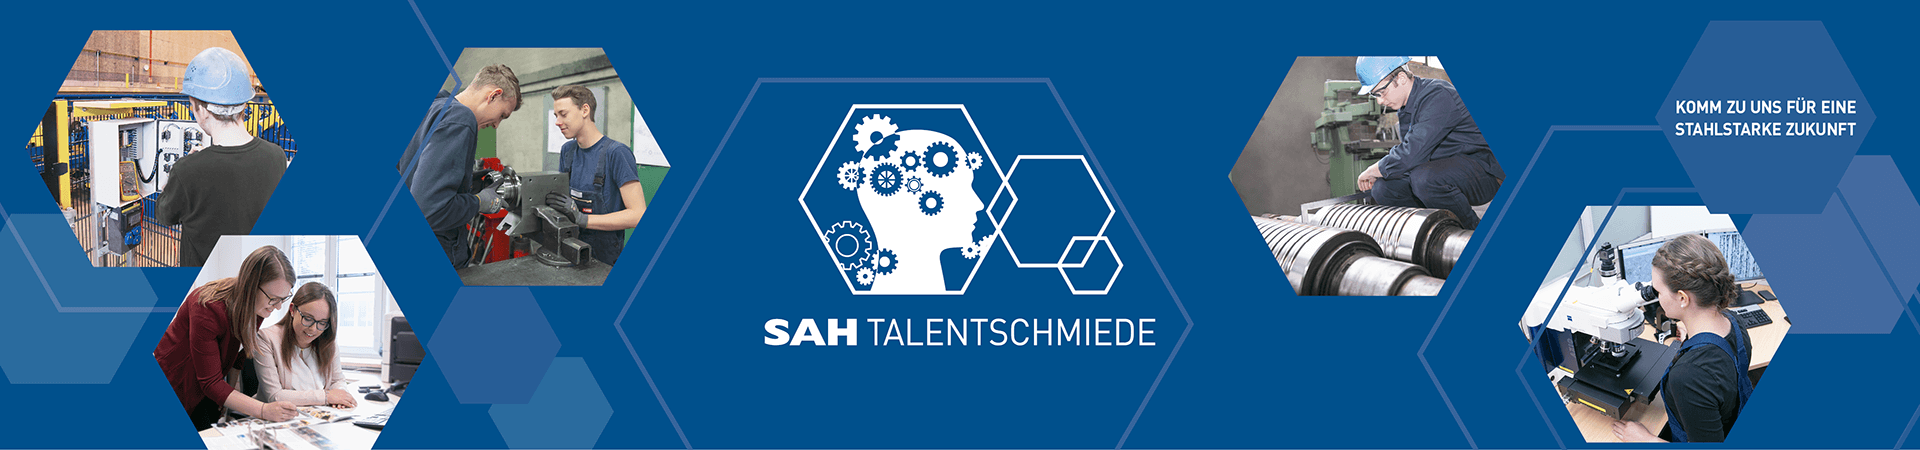 201811 Header Talentschmiede